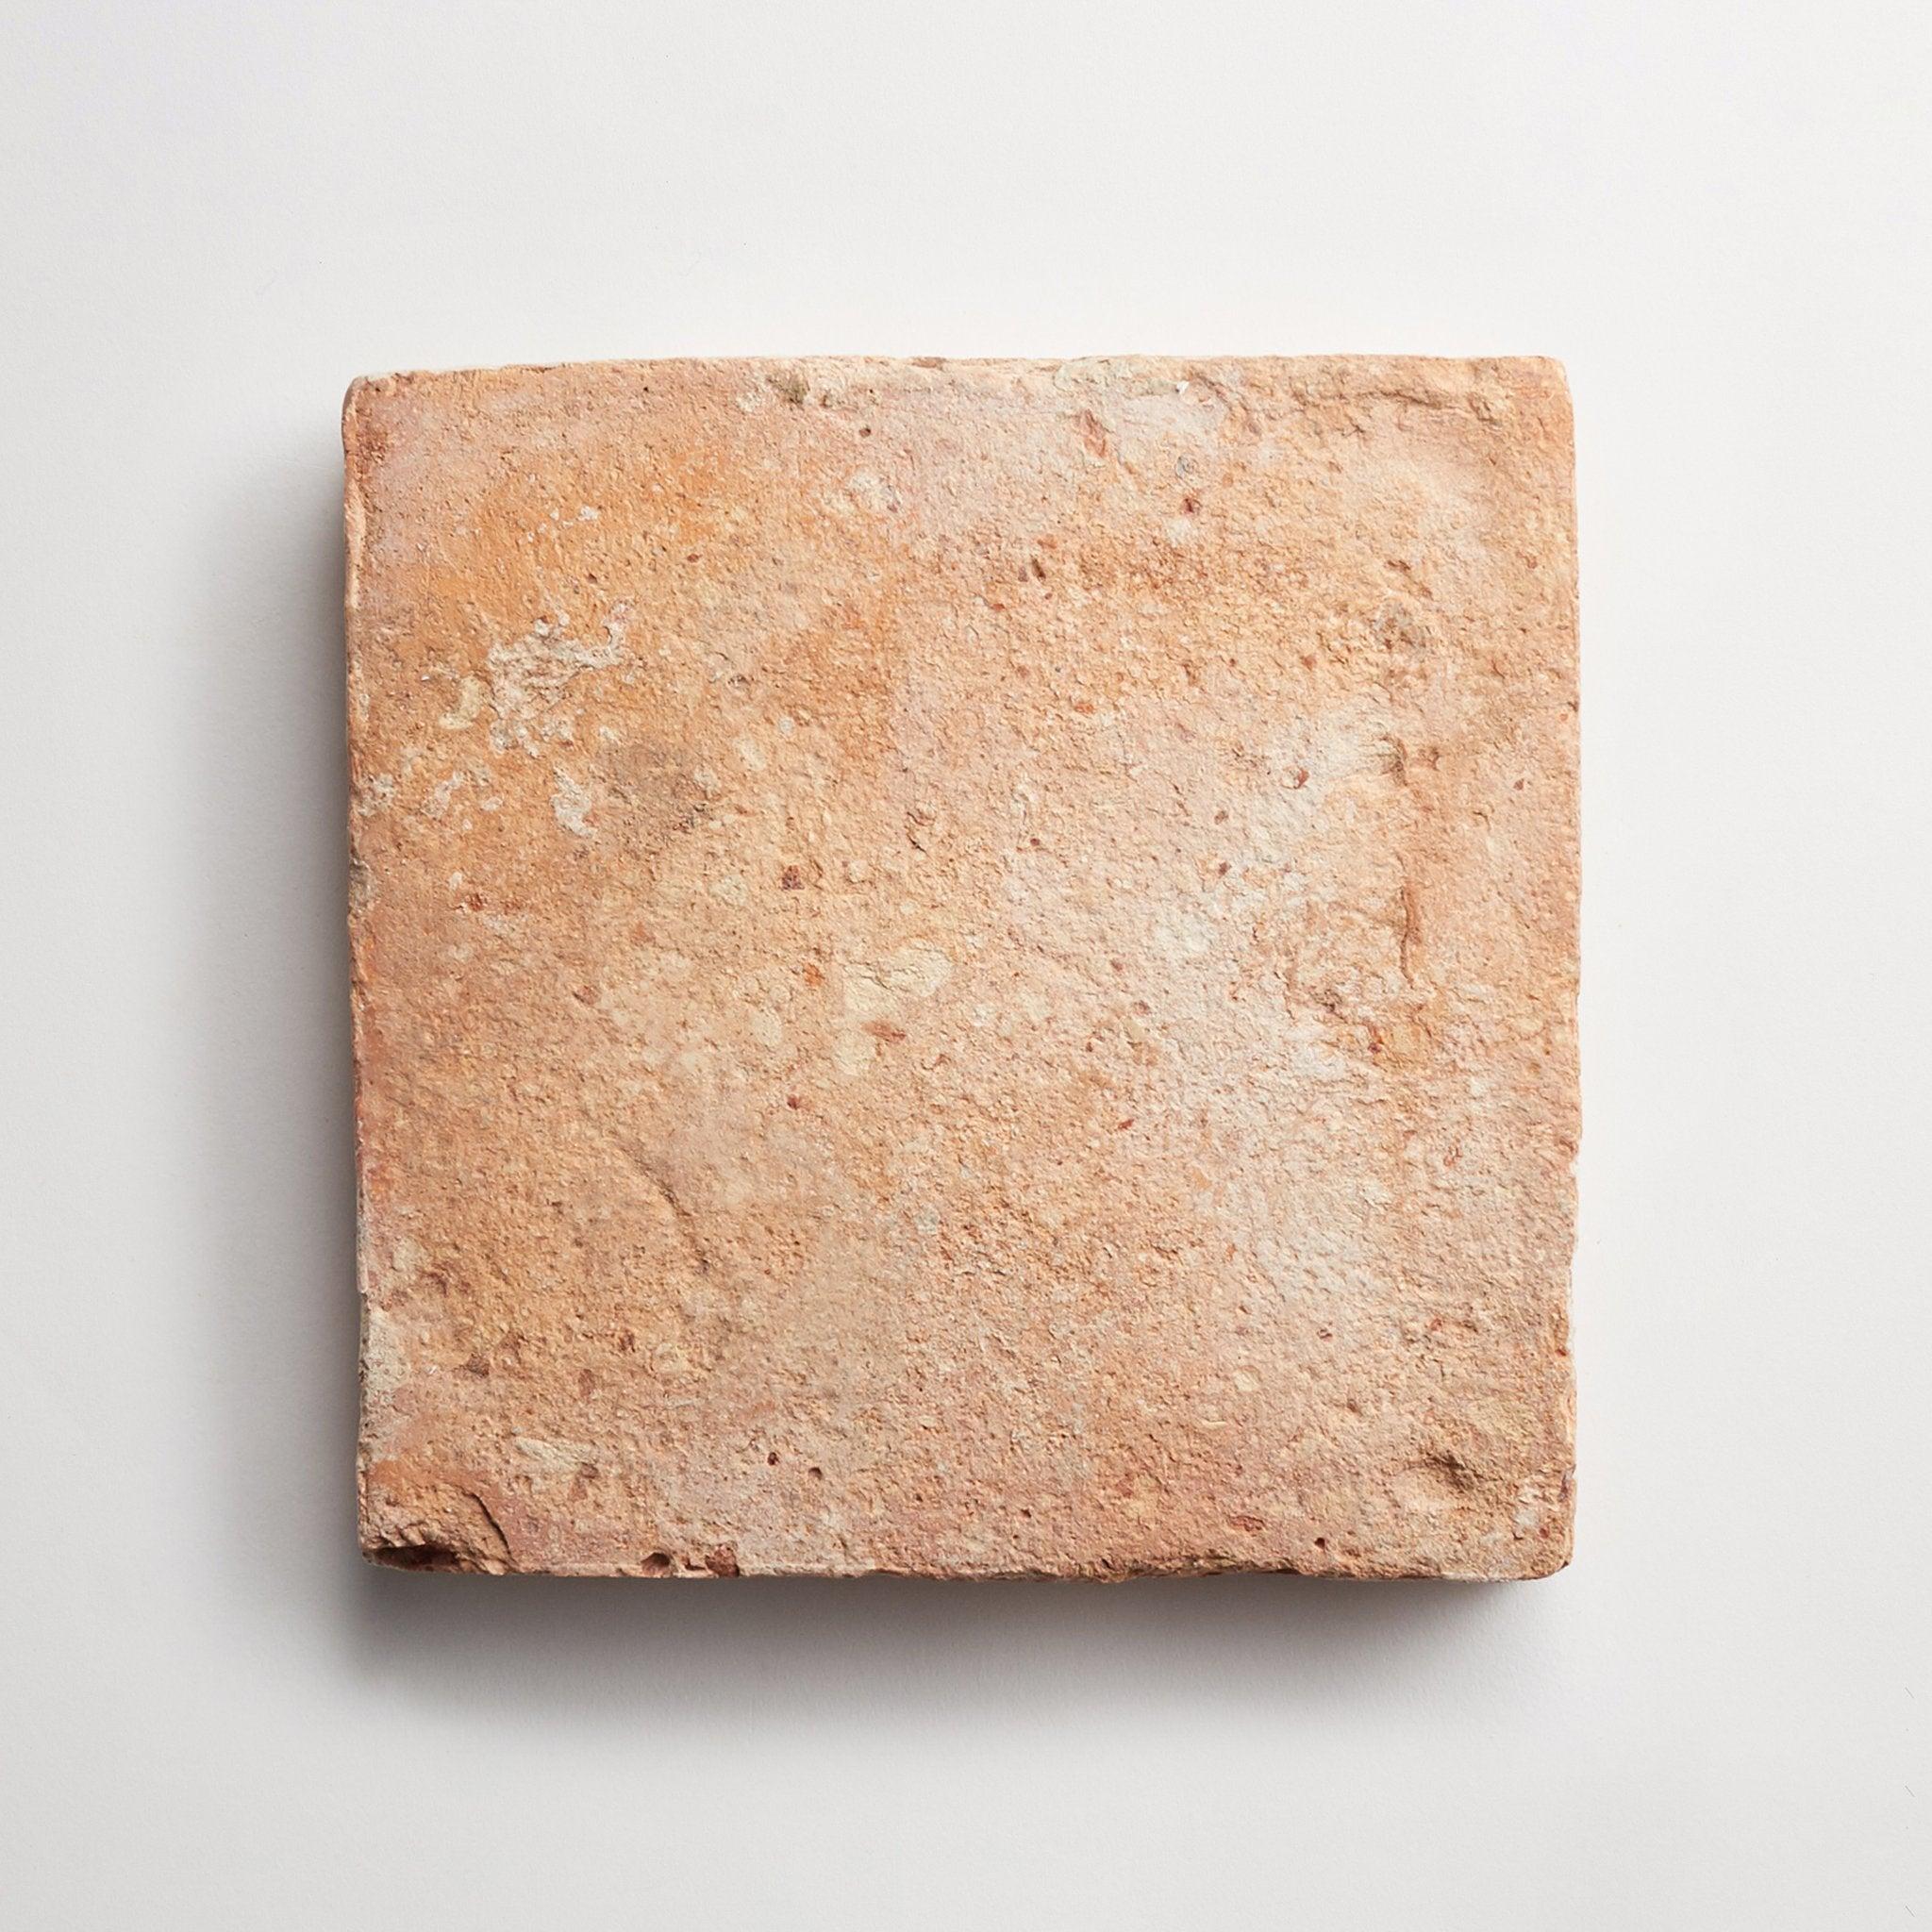 T30001_cle_tile_antique_terracotta_square_8x8_single_overhead_2.0_2250x2250_17010463-9598-4ad2-b982-c83d49839546_2048x2048